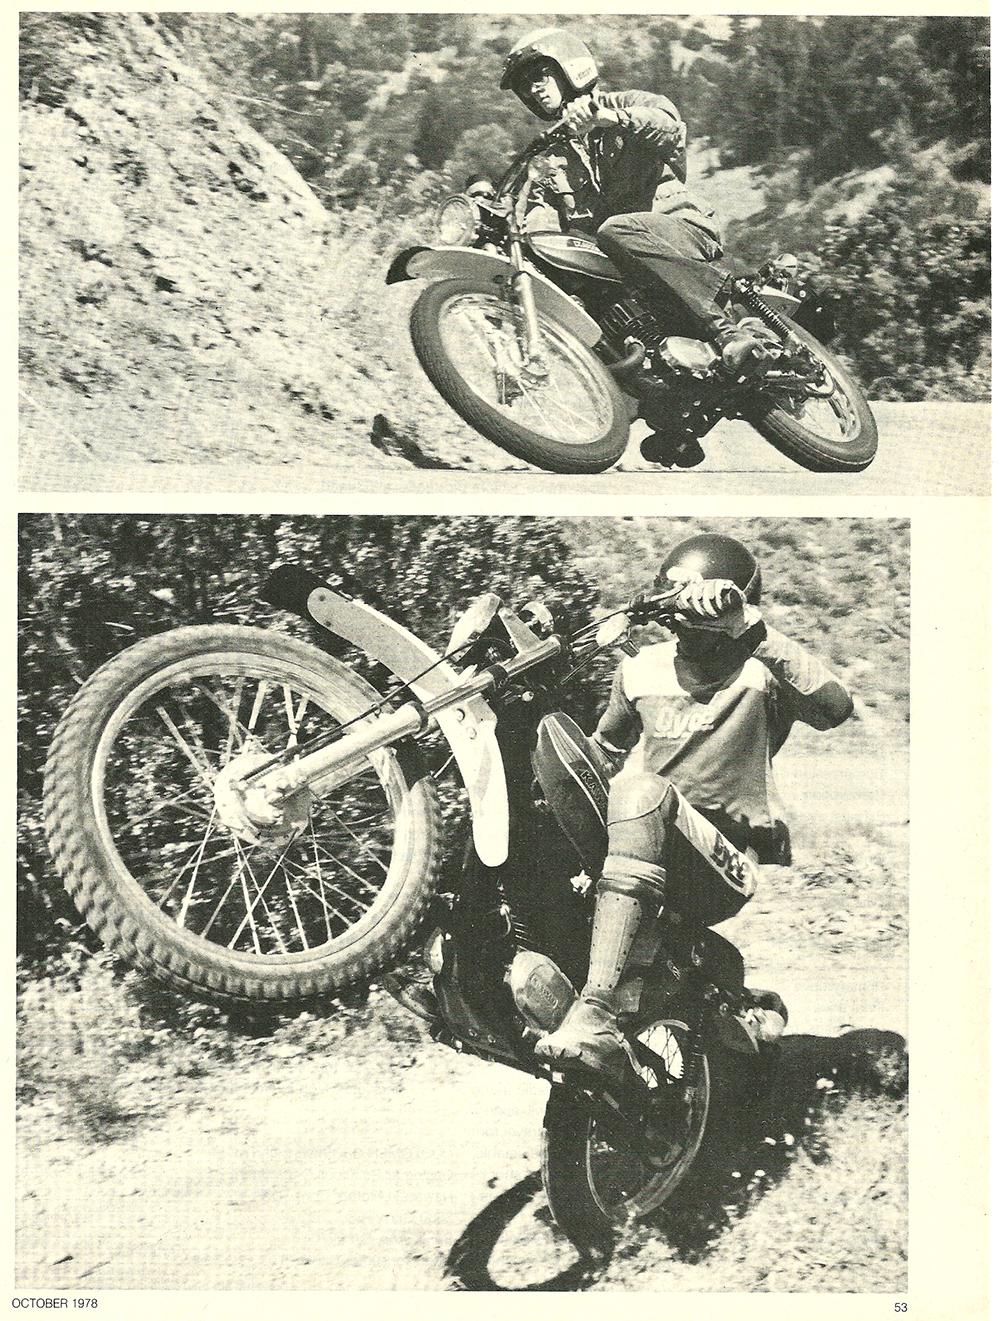 1978 Kawasaki KE125 A5 roat test 02.jpg